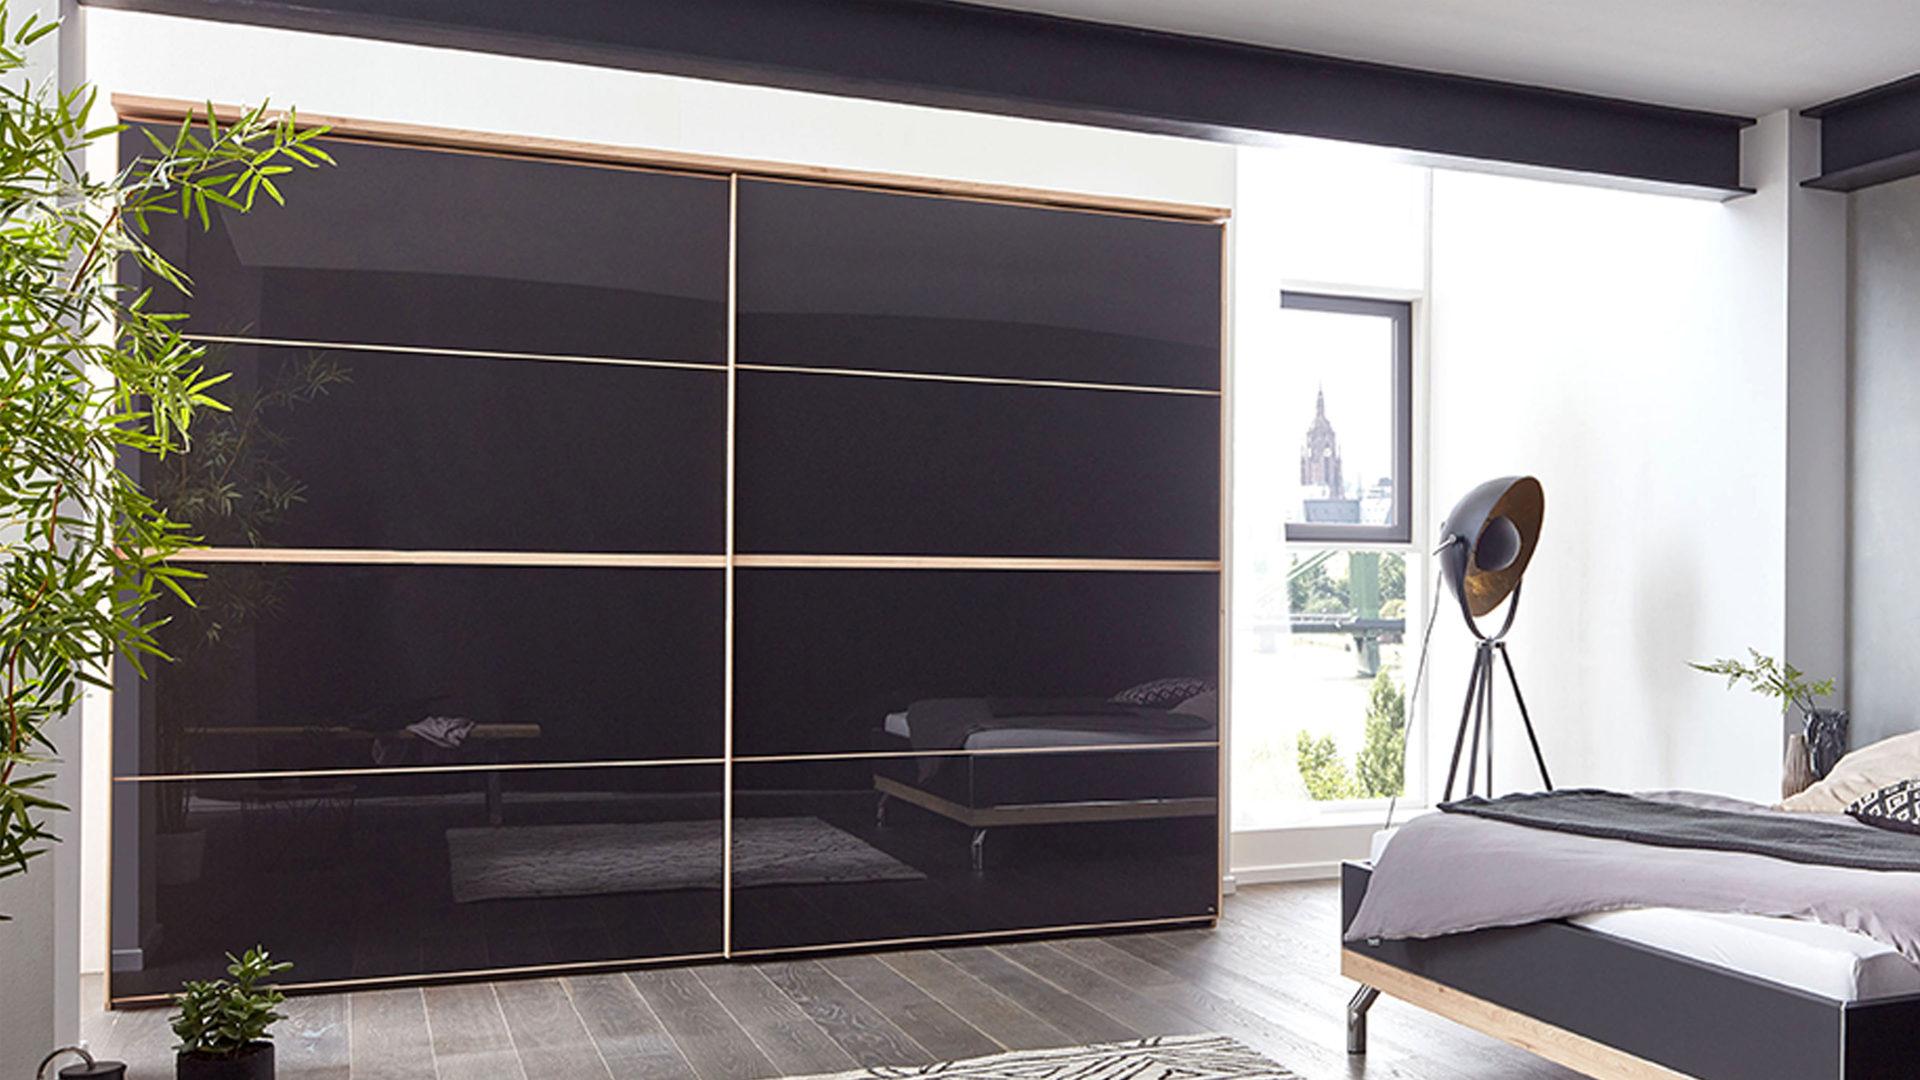 Interliving Schlafzimmer Serie 1010 – Schwebetürenschrank, basaltfarbenes  Glas & Jackson eichefarbene Kunststoffoberflächen